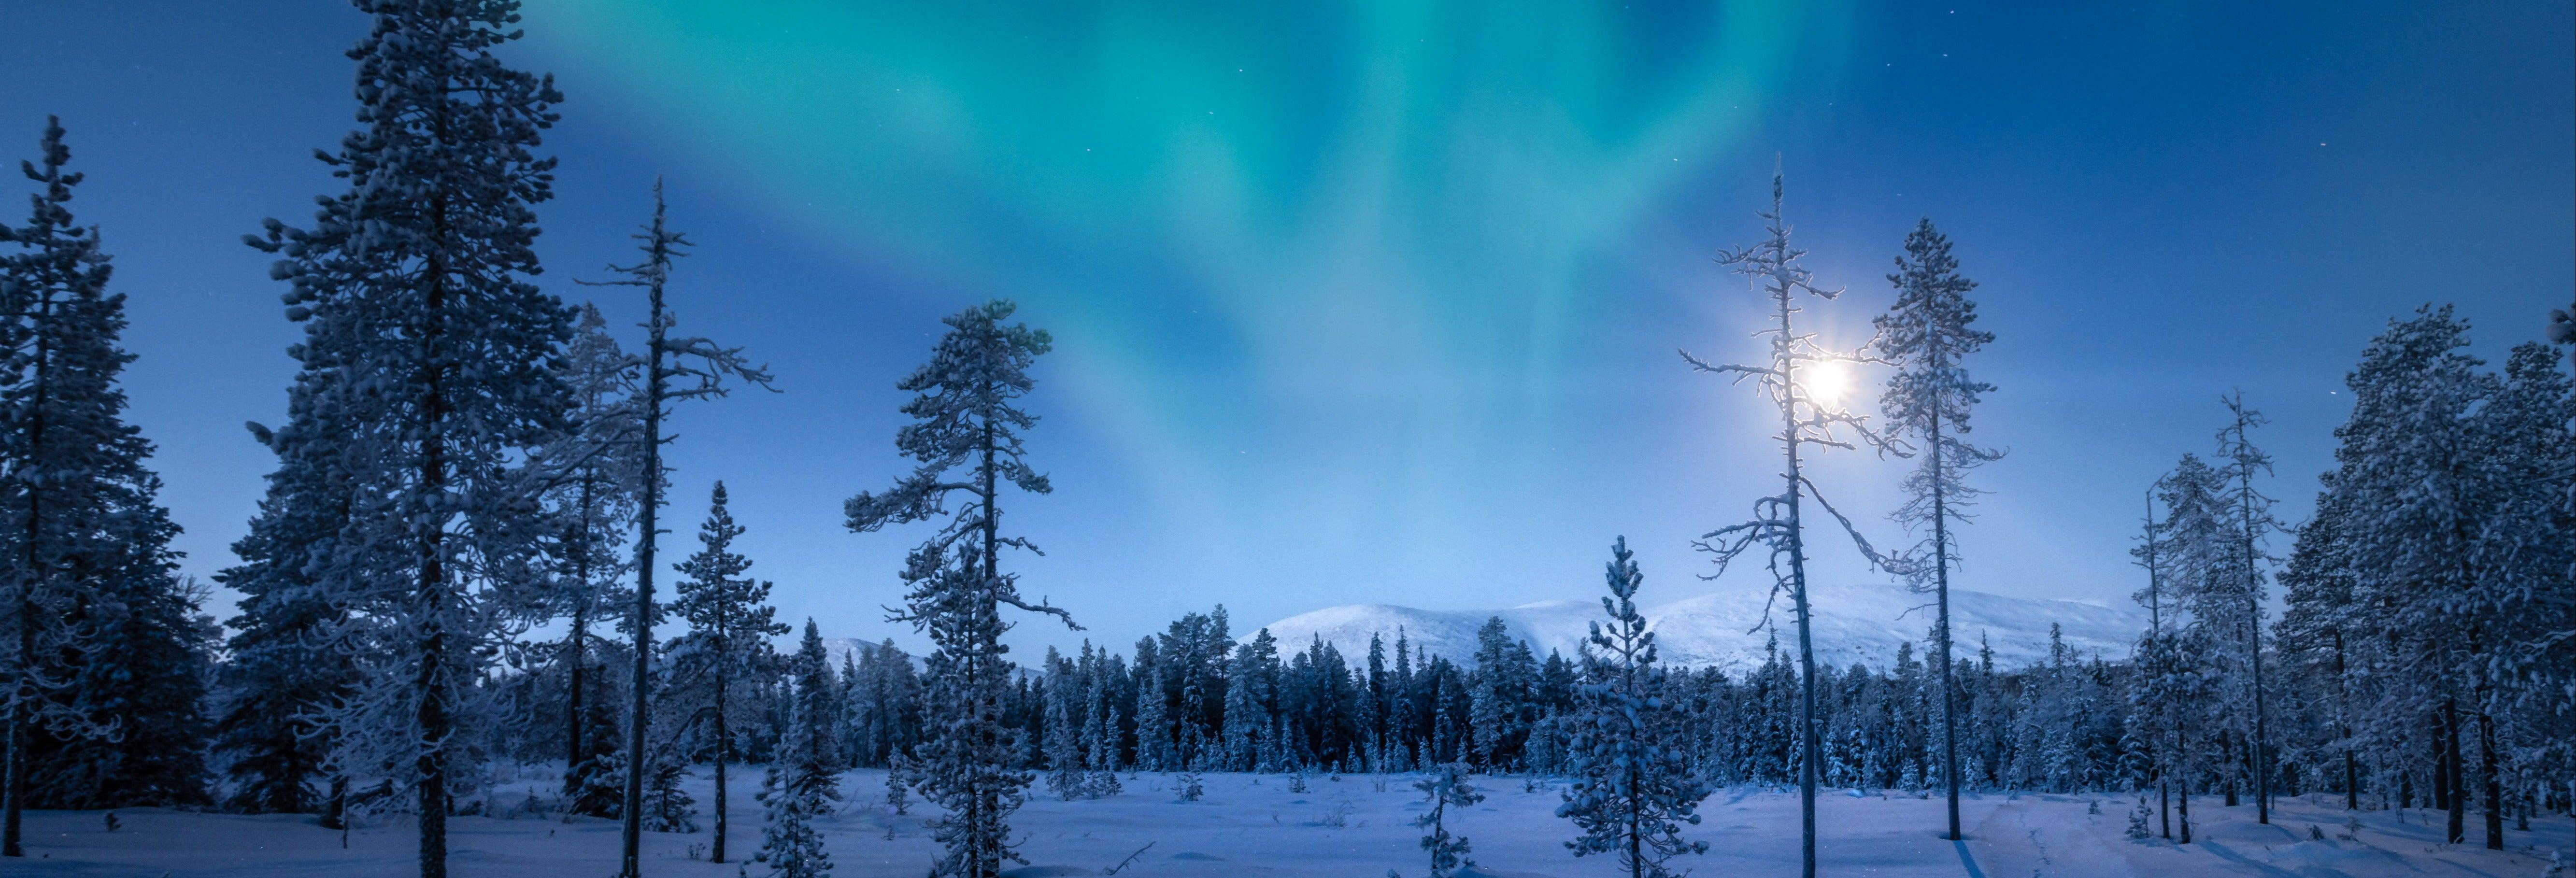 Tour de la aurora boreal por Pallas-Yllästunturi